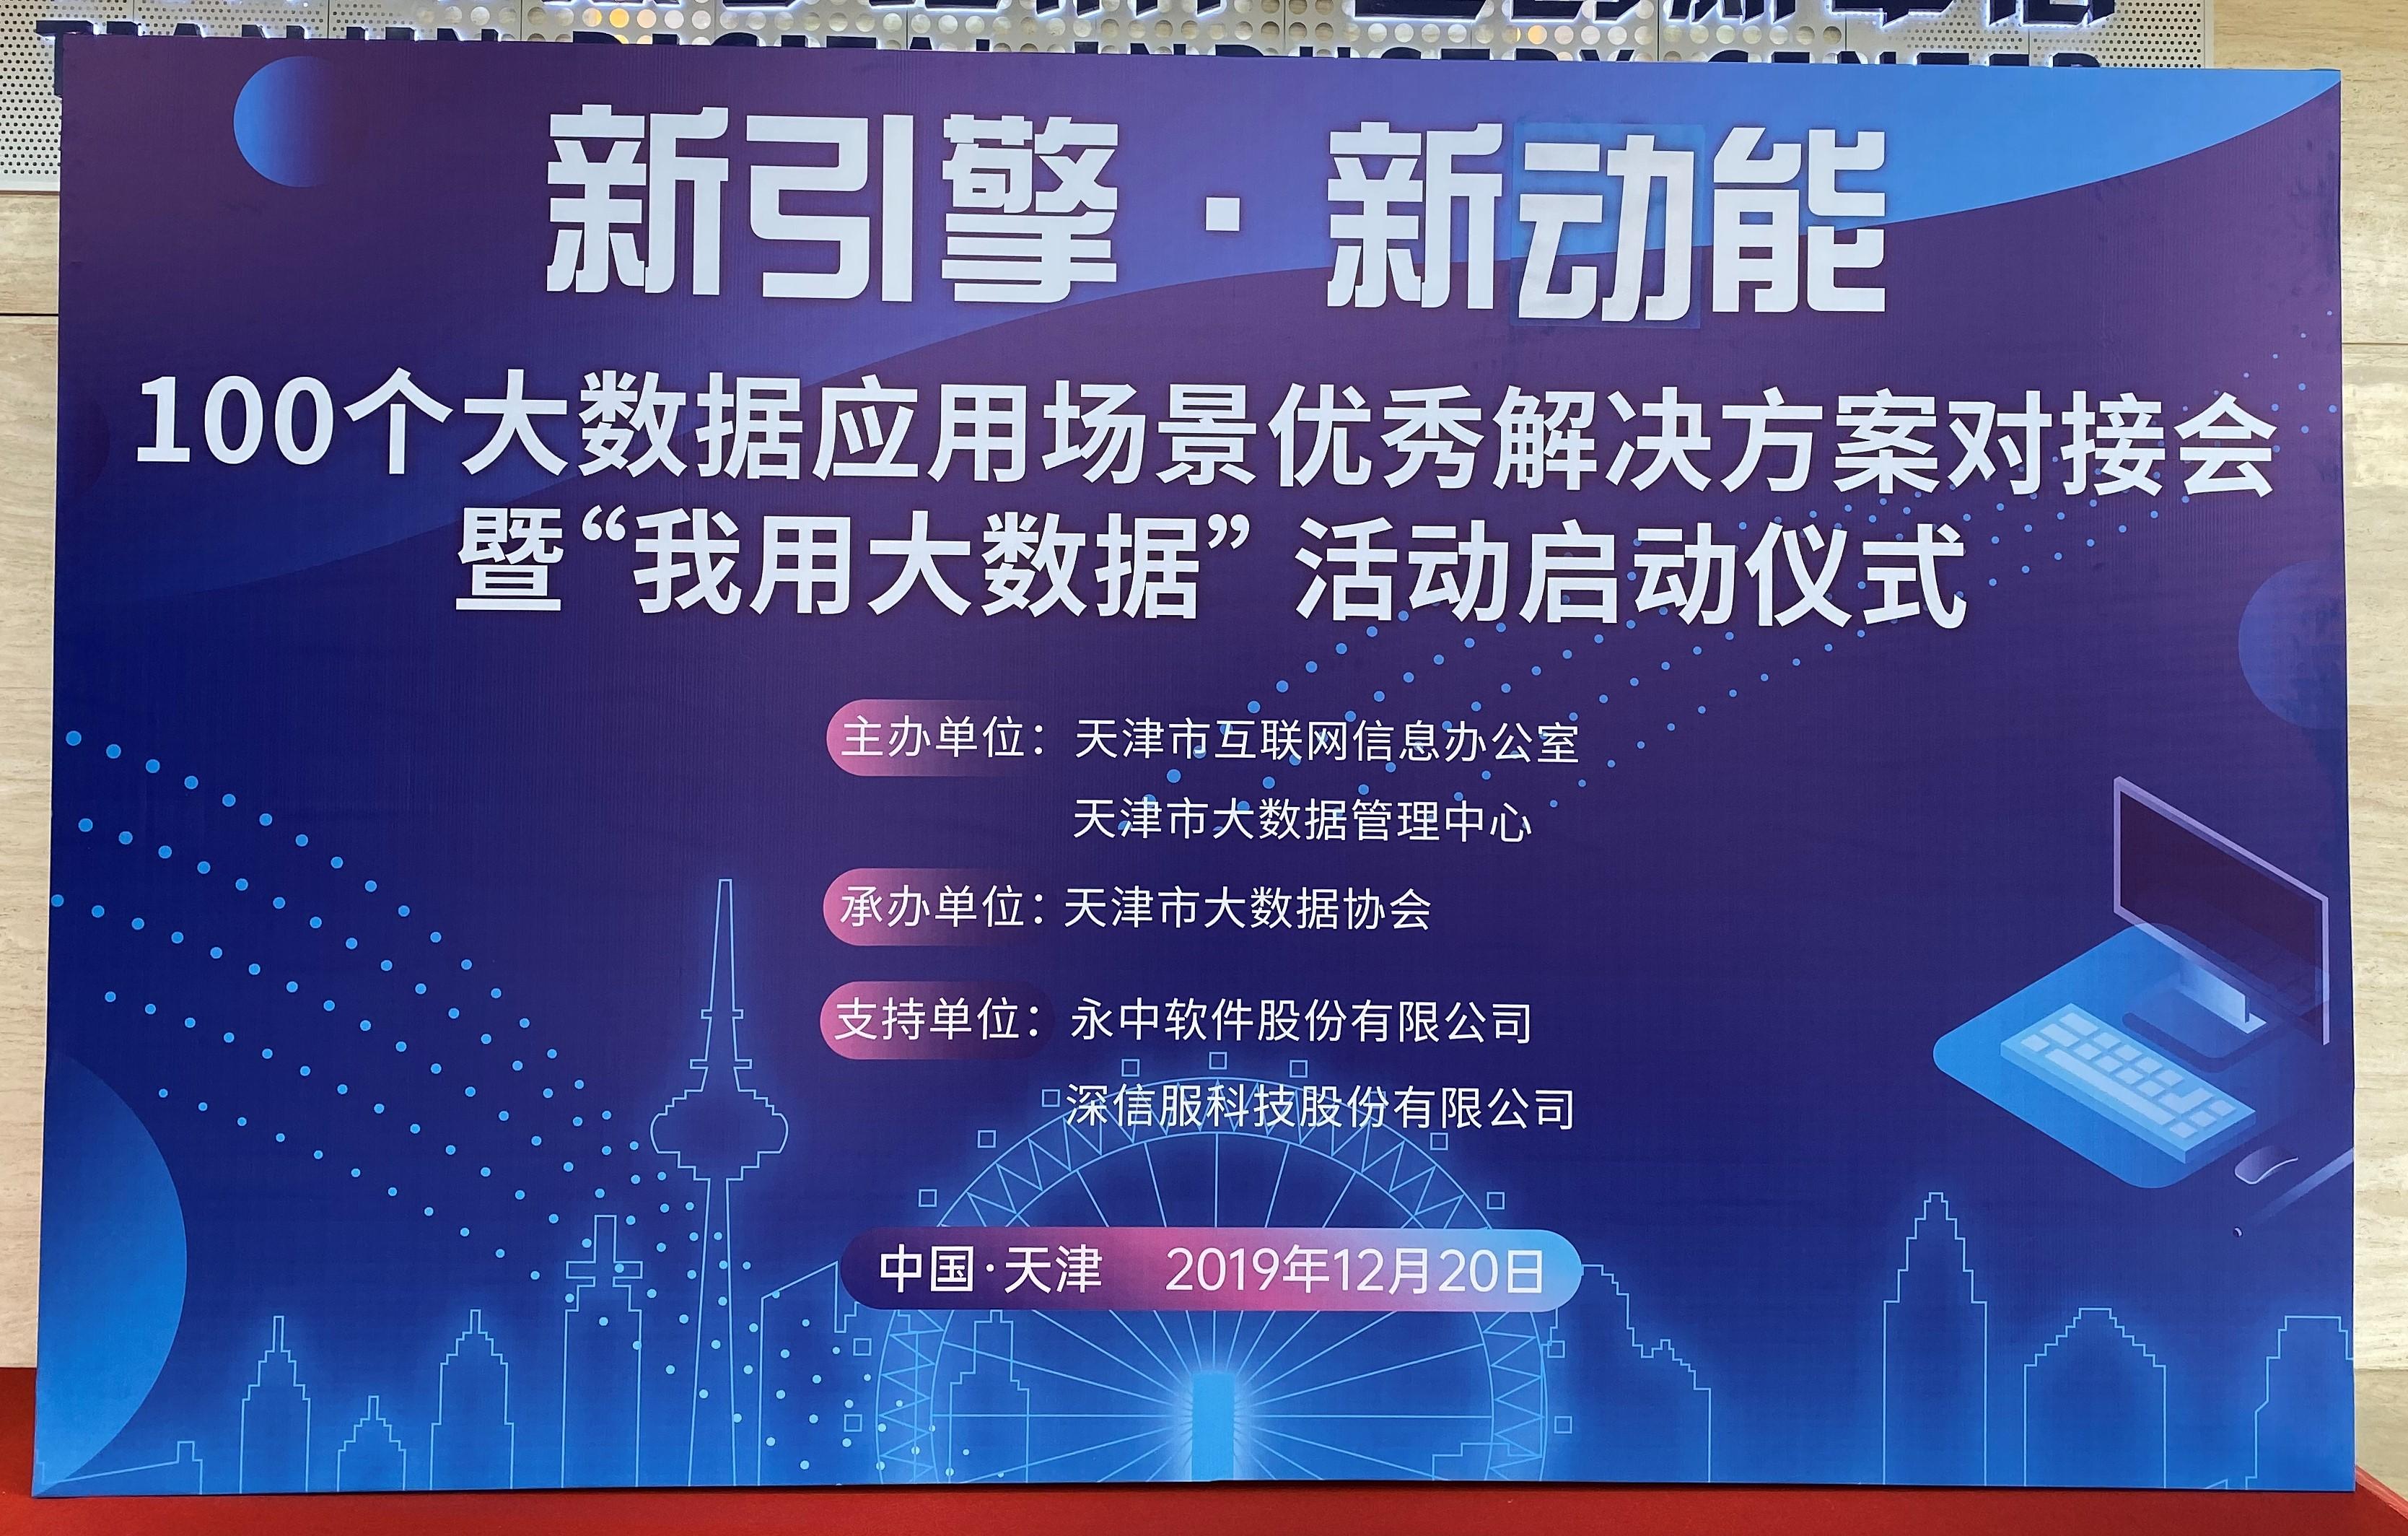 饮鹿网精准招商大数据平台荣获天津市100个大数据应用场景优秀解决方案